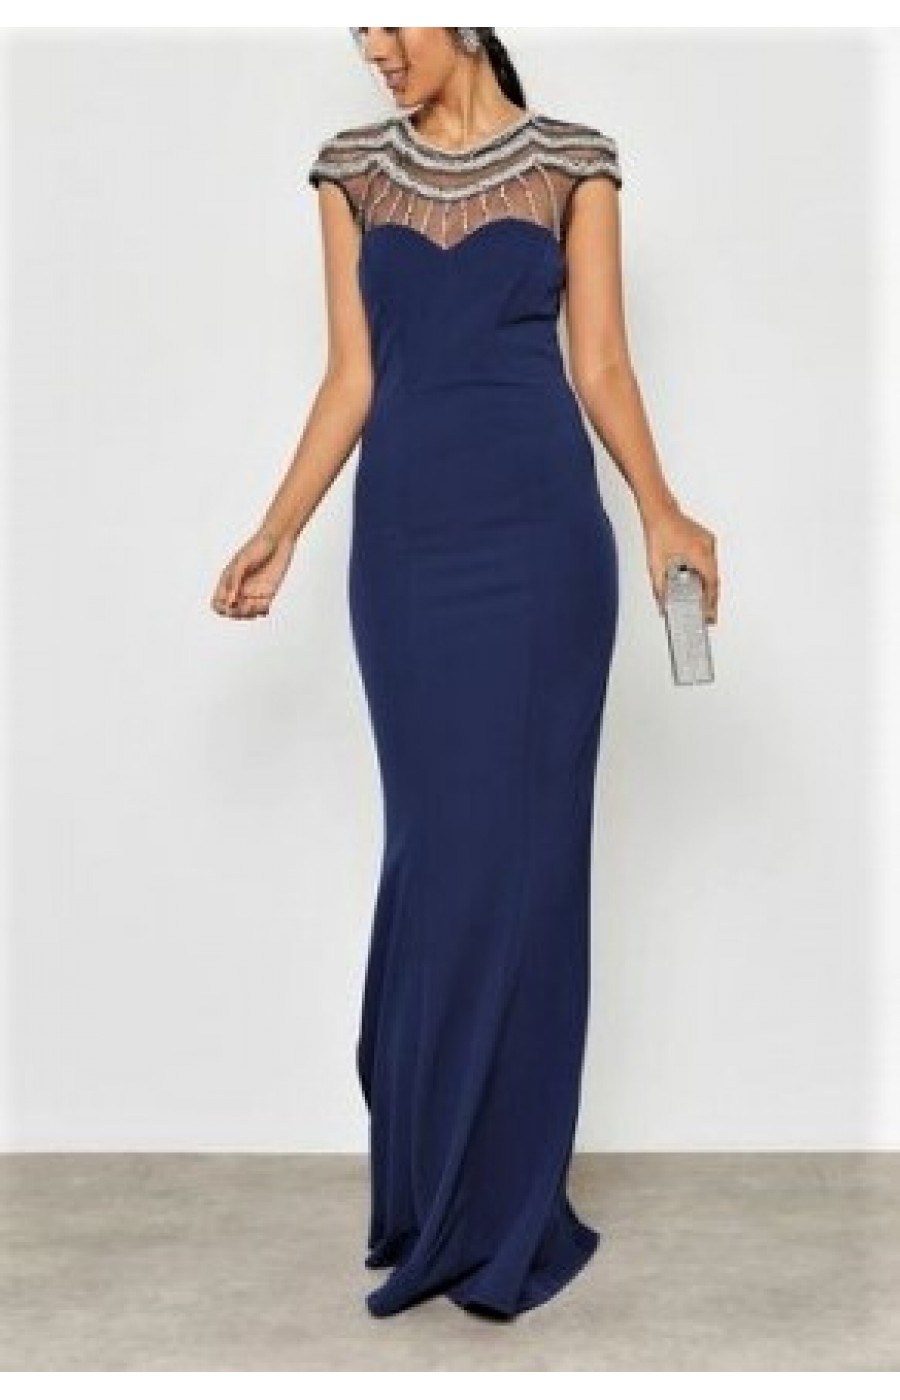 Σκούρο μπλε μακρύ φόρεμα με διαφάνεια και κέντημα στο επάνω μέρος